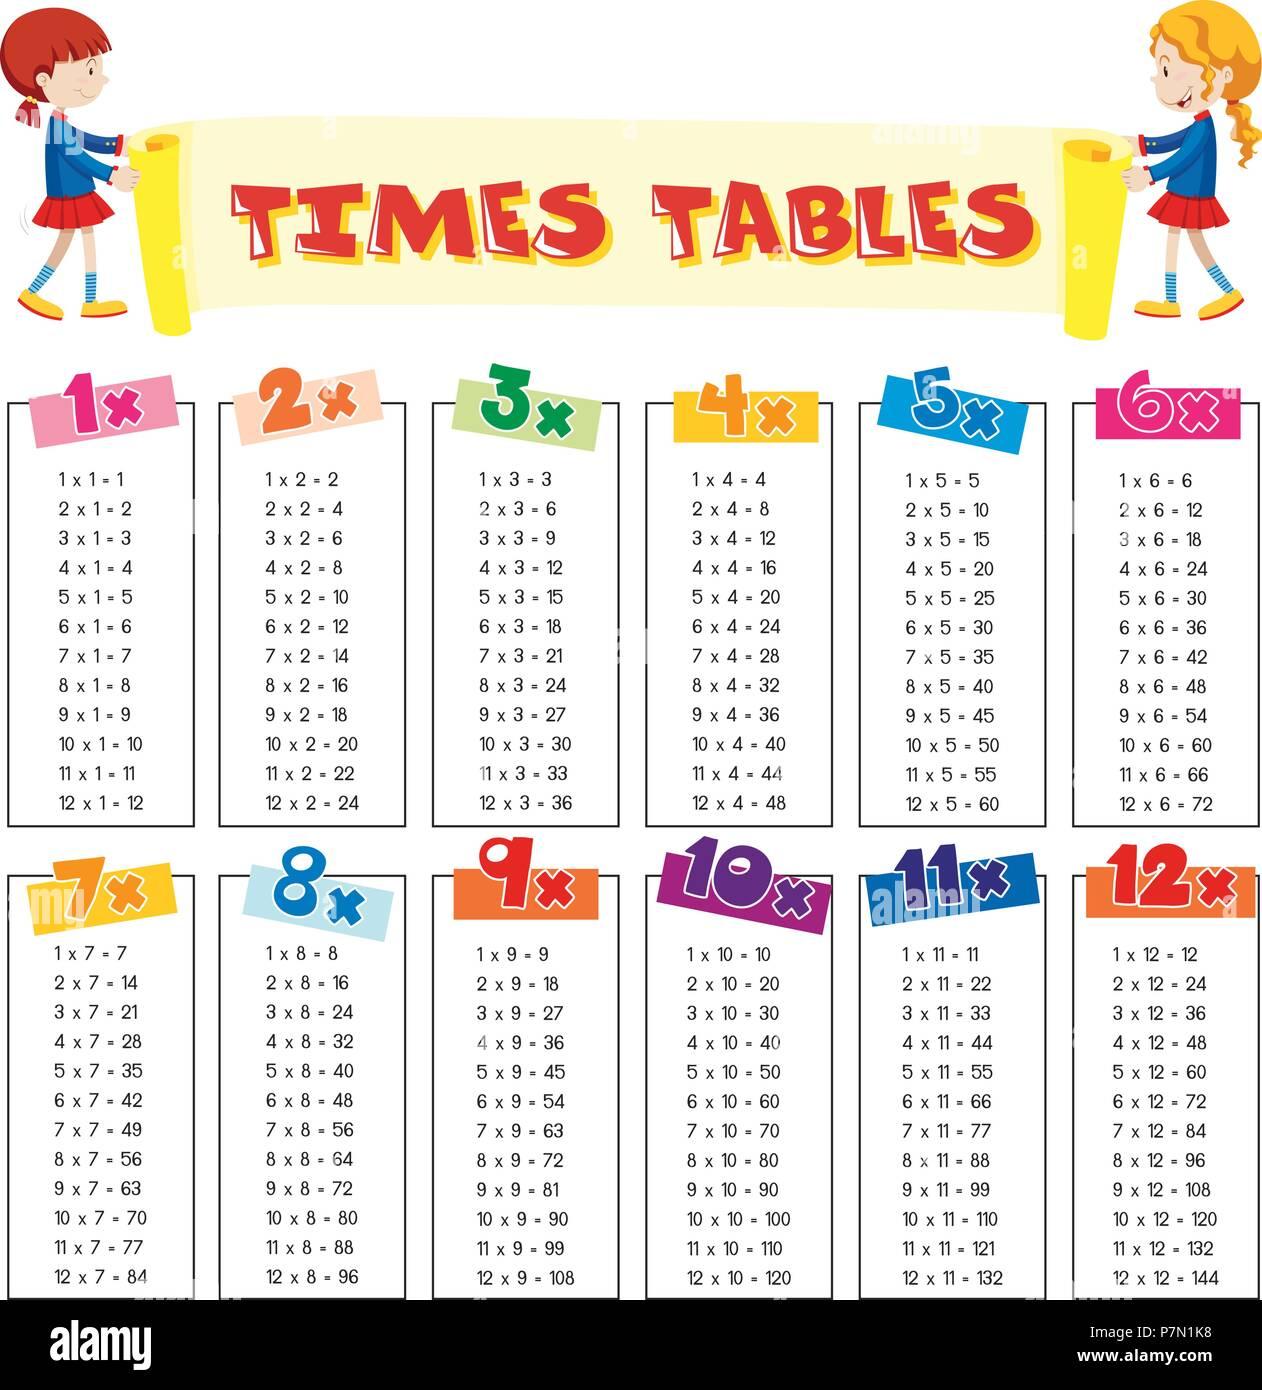 Berühmt Mal Tabellen Einer Tabelle Jahr 5 Galerie - Super Lehrer ...